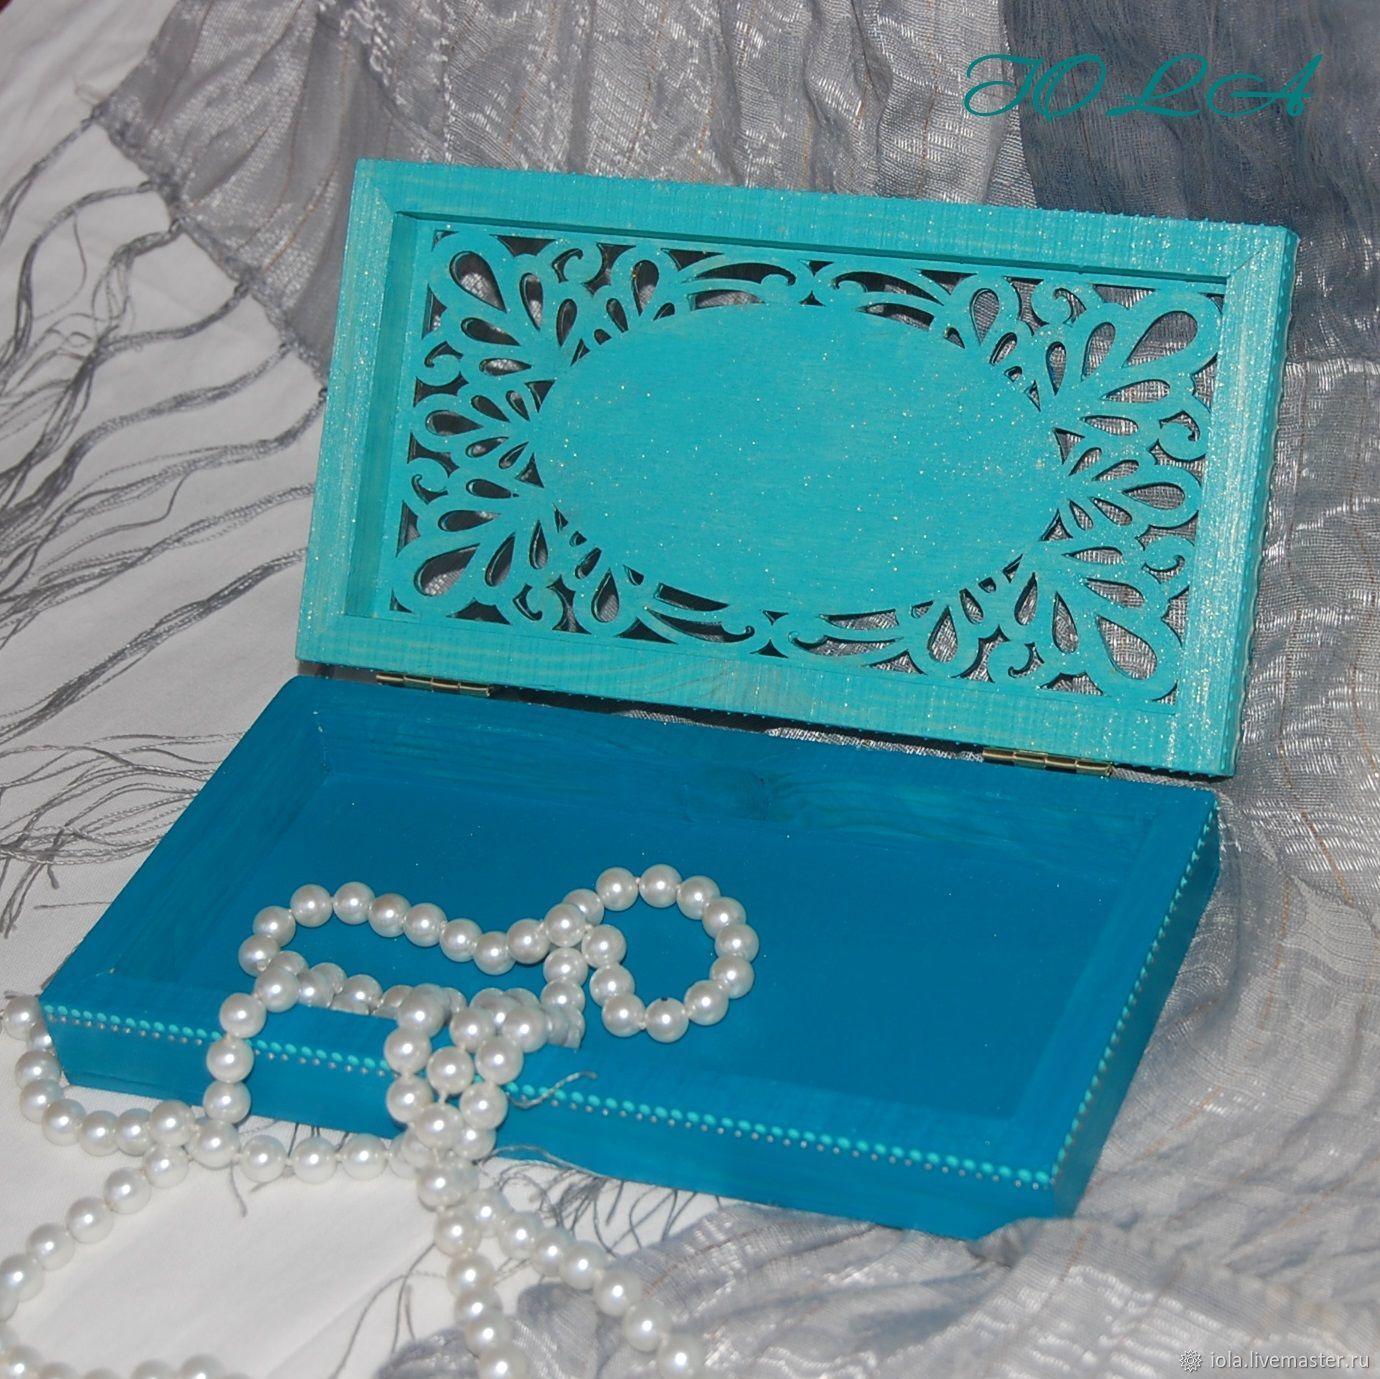 Шкатулка Купюрница бирюзовая с серебром Роспись